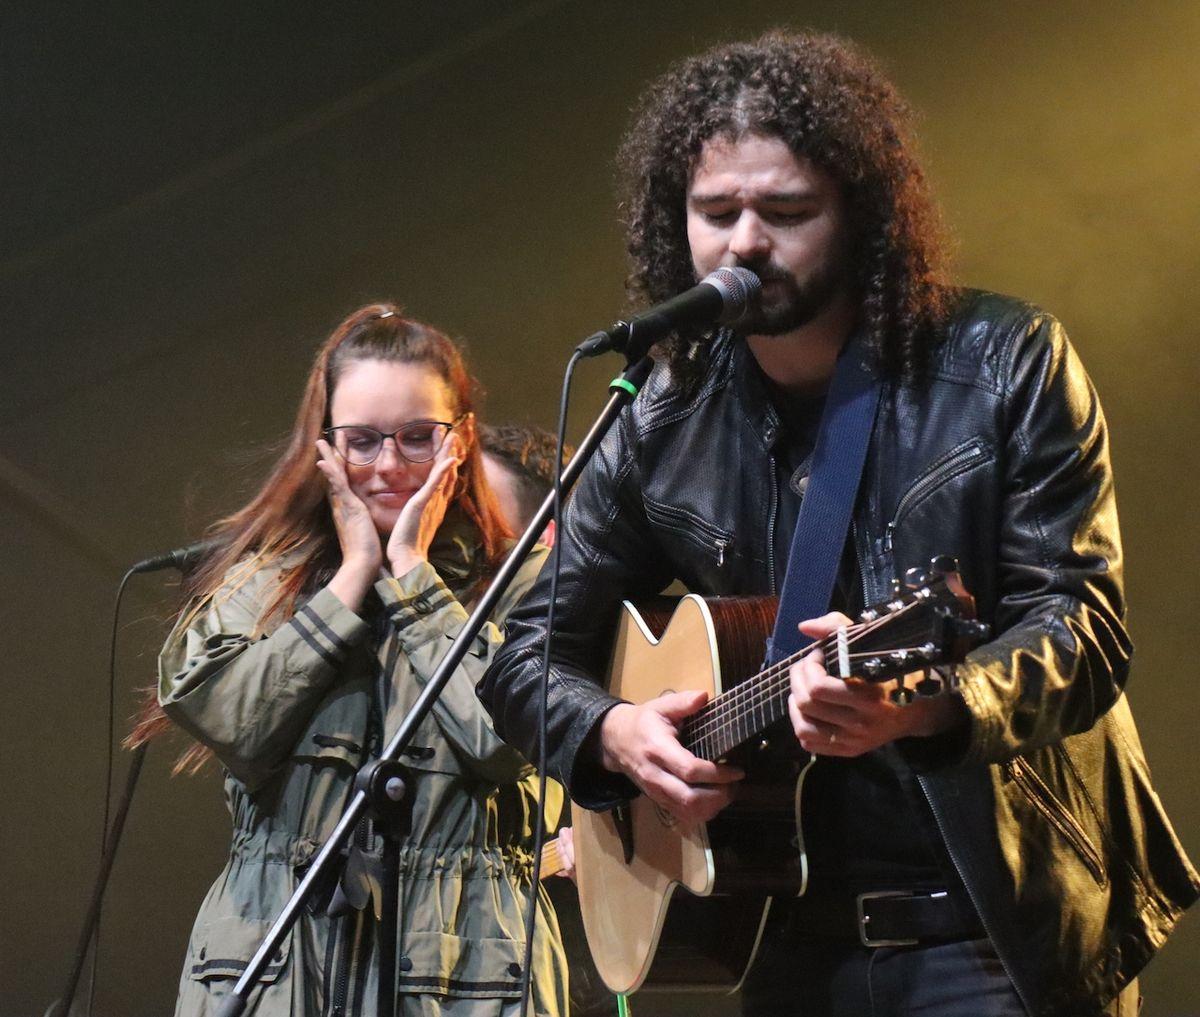 Při písni Dobré ráno milá nahradil Davida Stypku, který duet zpíval s Ewou Farnou, její manžel Martin Chobot.